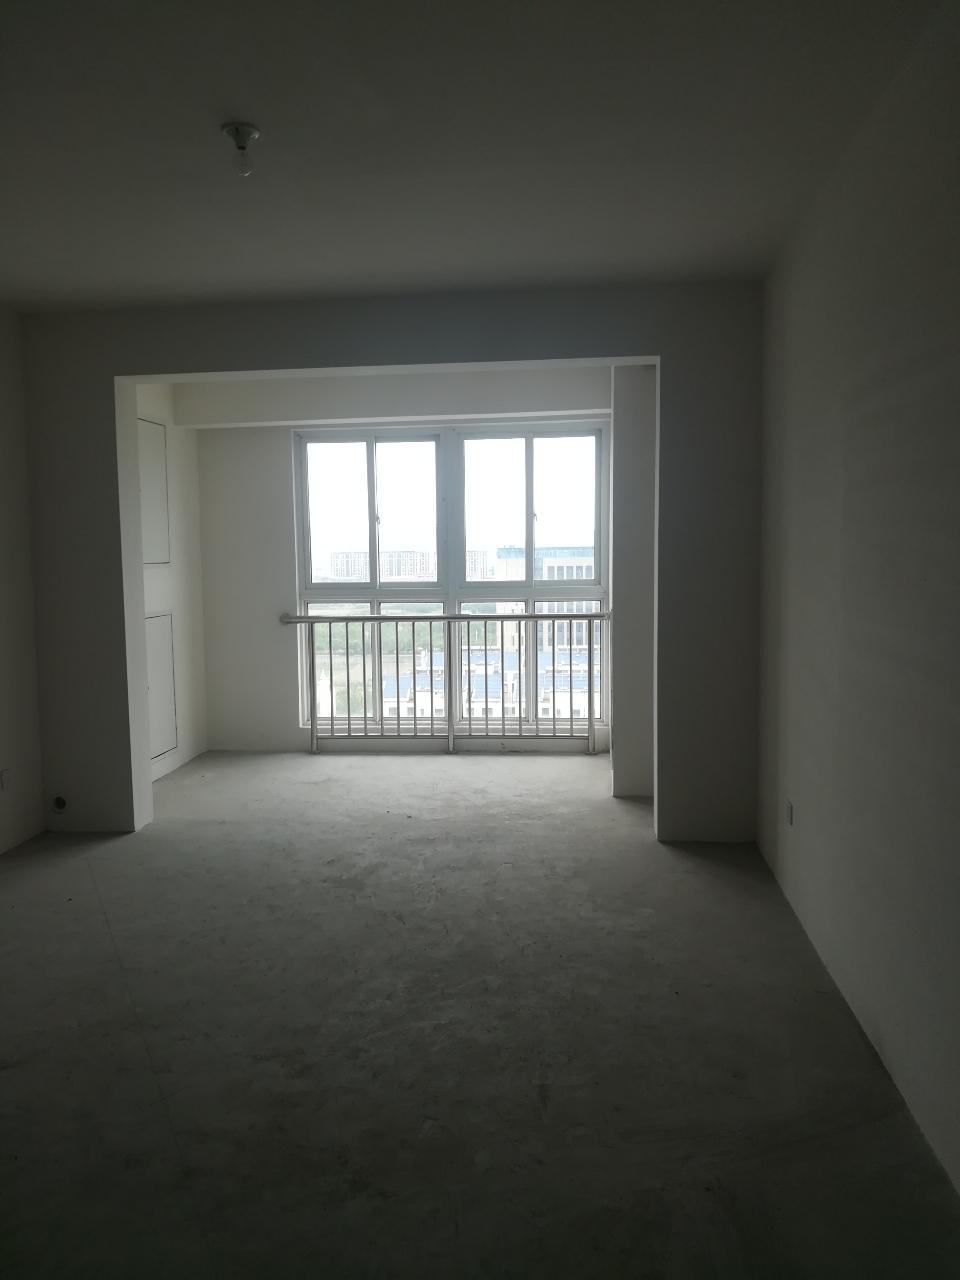 鑫城苑3室 2厅 1卫100万元